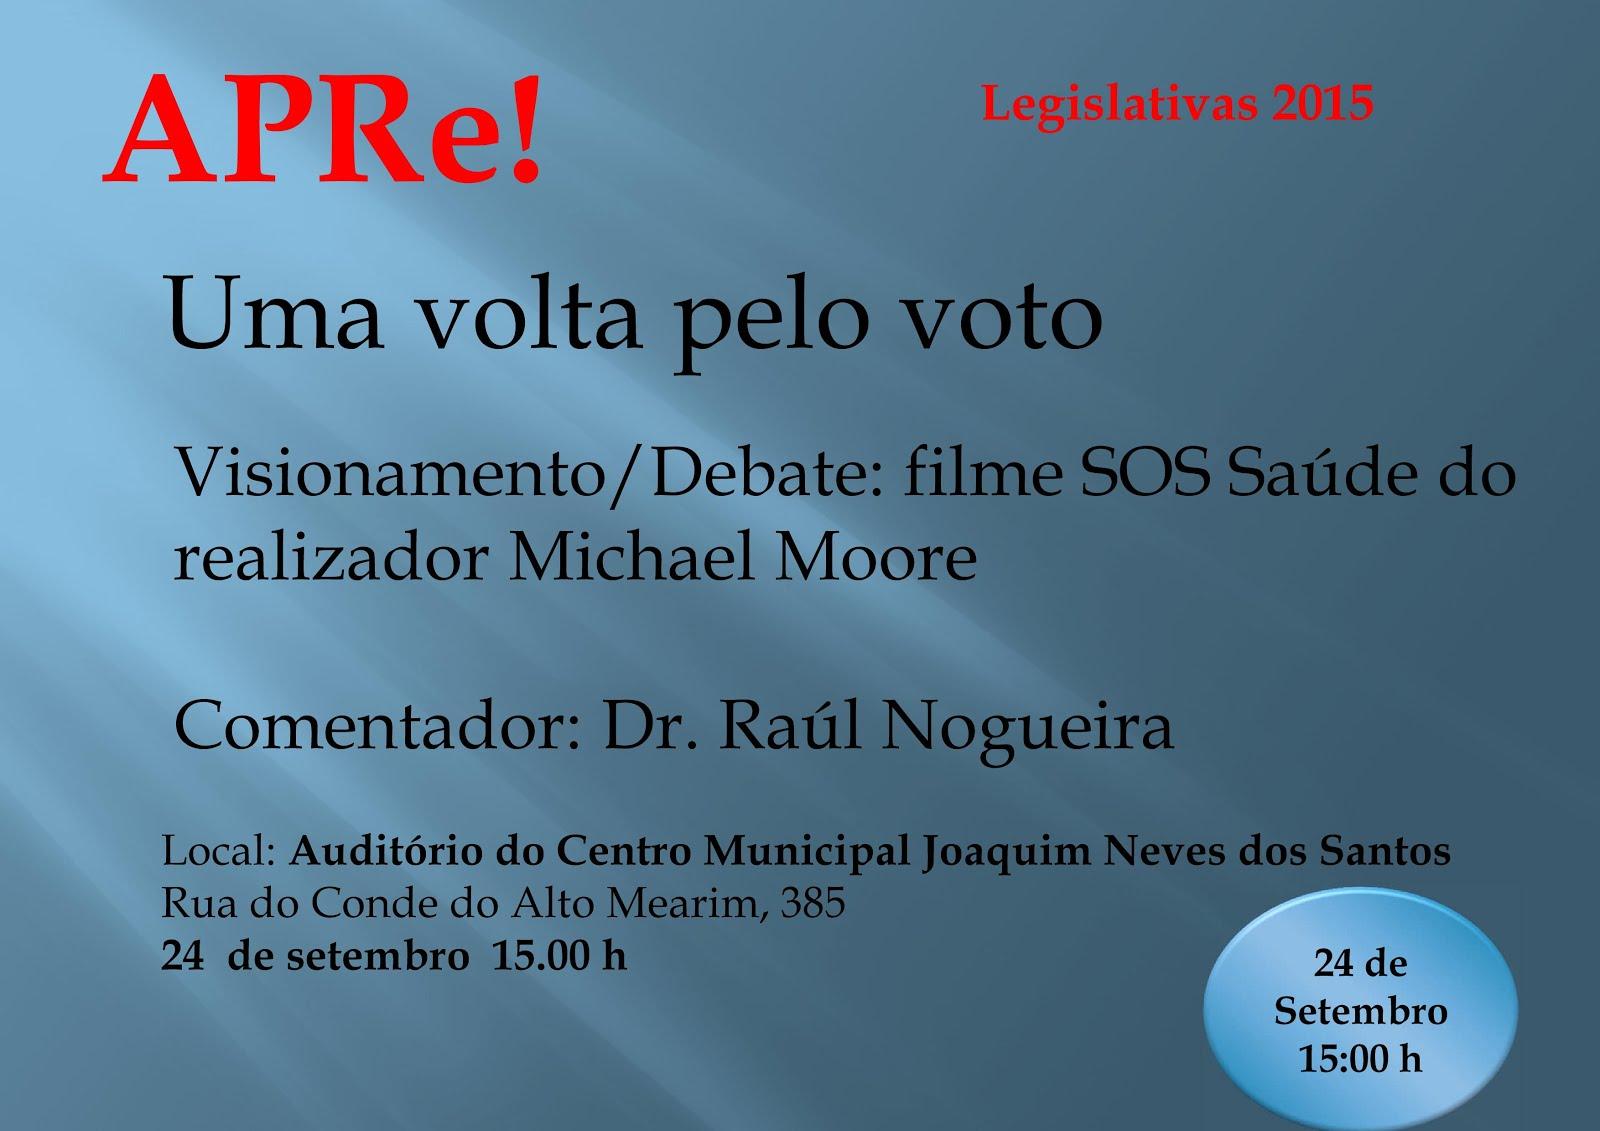 Uma volta pelo VOTO, sessão pública de debate promovida pela APRe! em Matosinhos